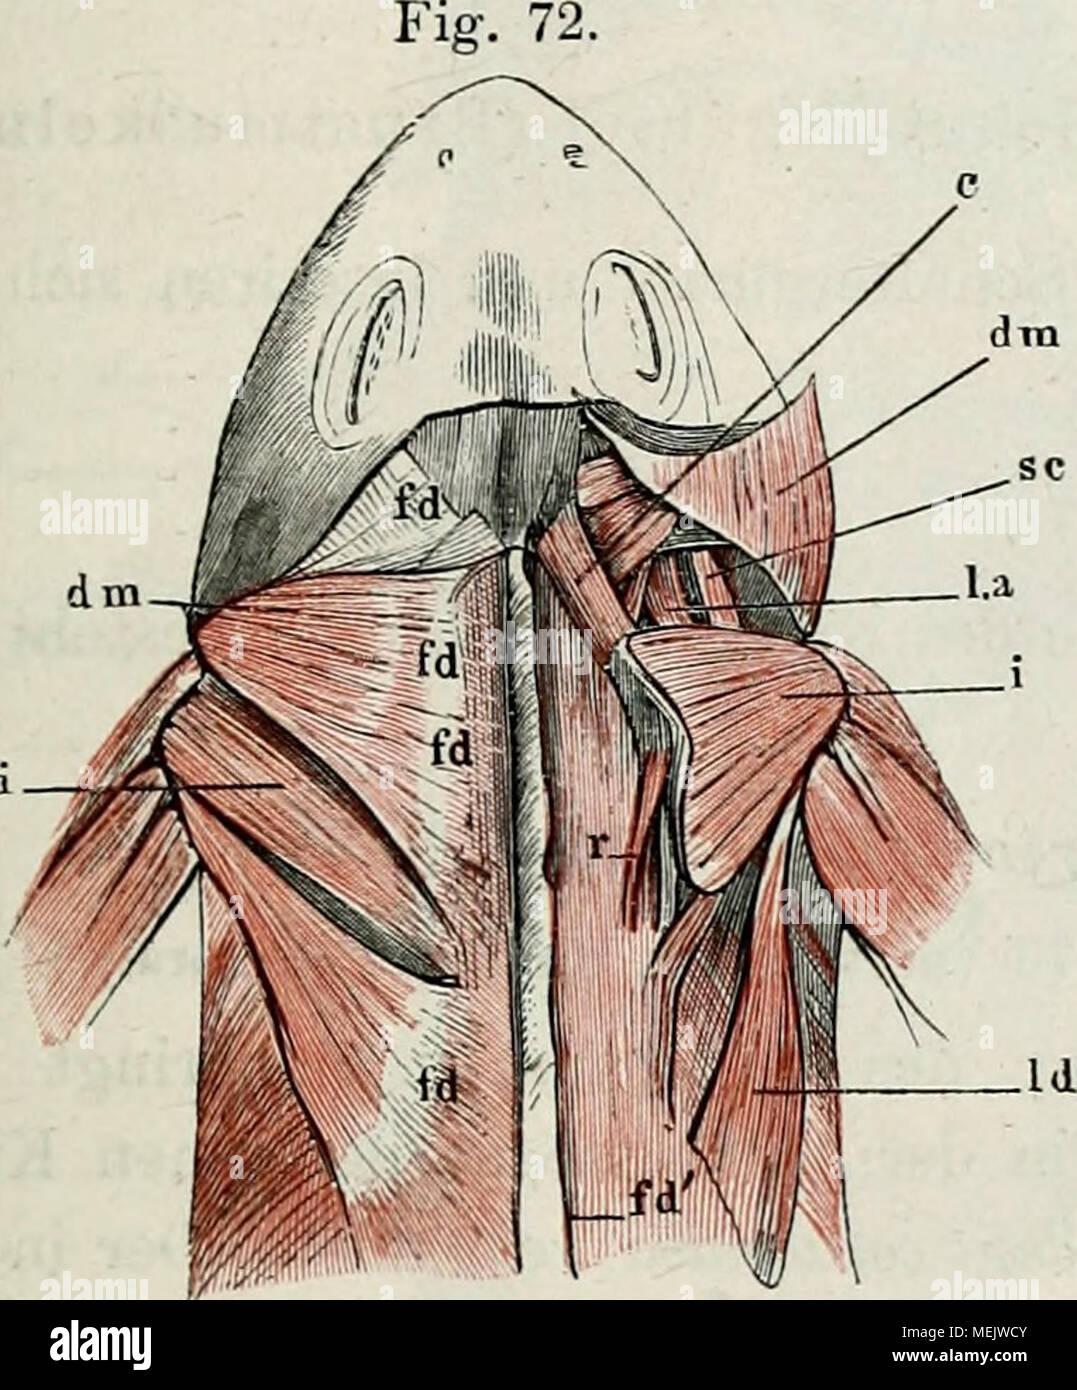 Großartig Diagramm Der Muskeln Im Rücken Ideen - Menschliche ...